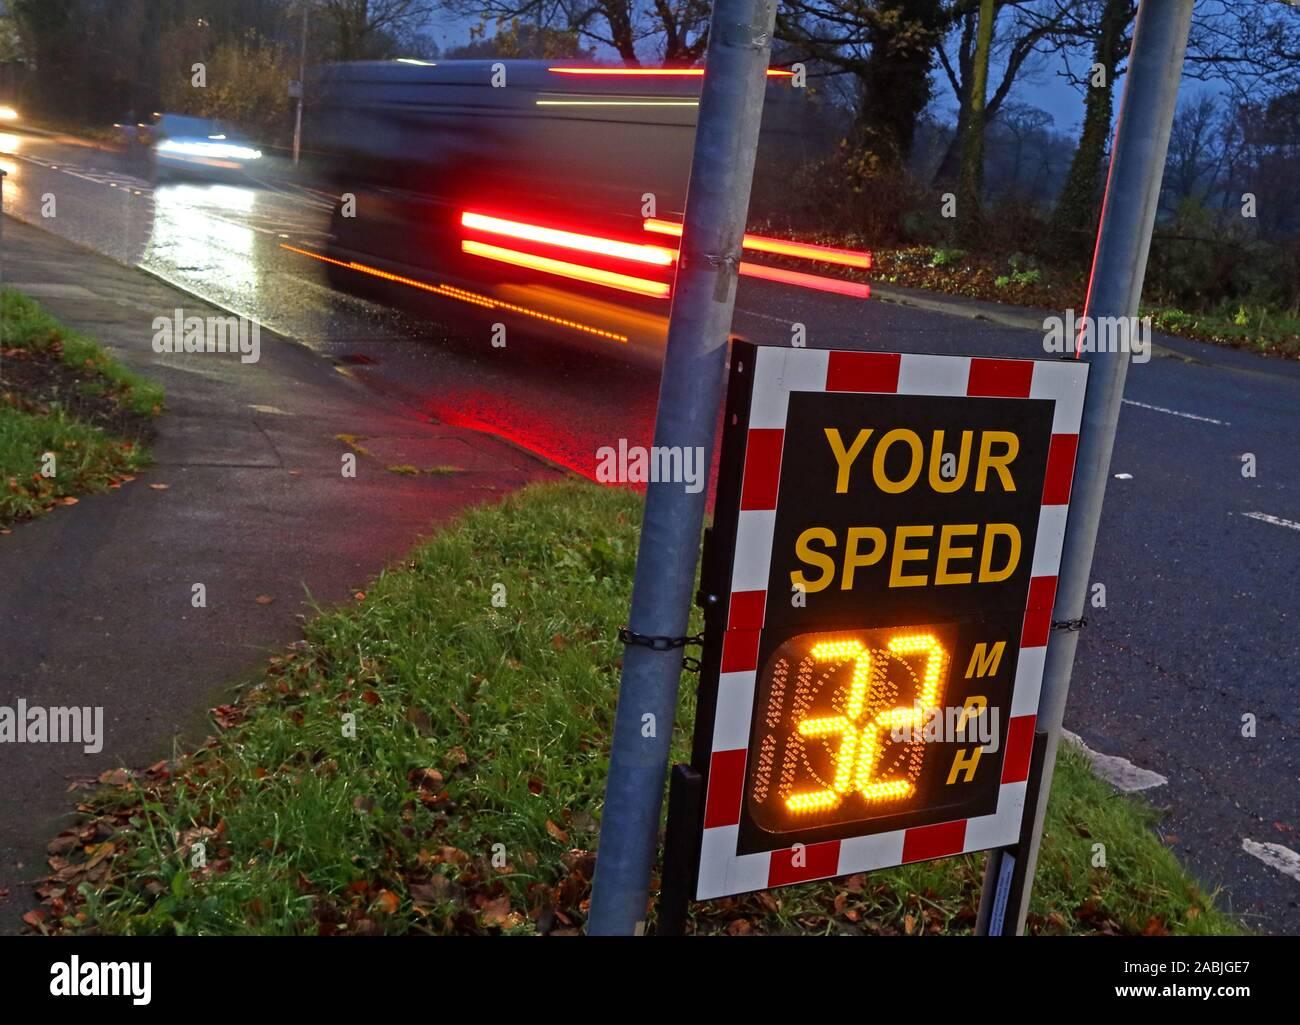 Dieses Stockfoto: Gemeinschaft Geschwindigkeit Radar prüft, zeigt Ihre Geschwindigkeit 32 KM/H, A50, Knutsford Straße, grappenhall/Massey Bach, Warrington, Cheshire, England, Großbritannien - 30 mph Zone - 2ABJGE